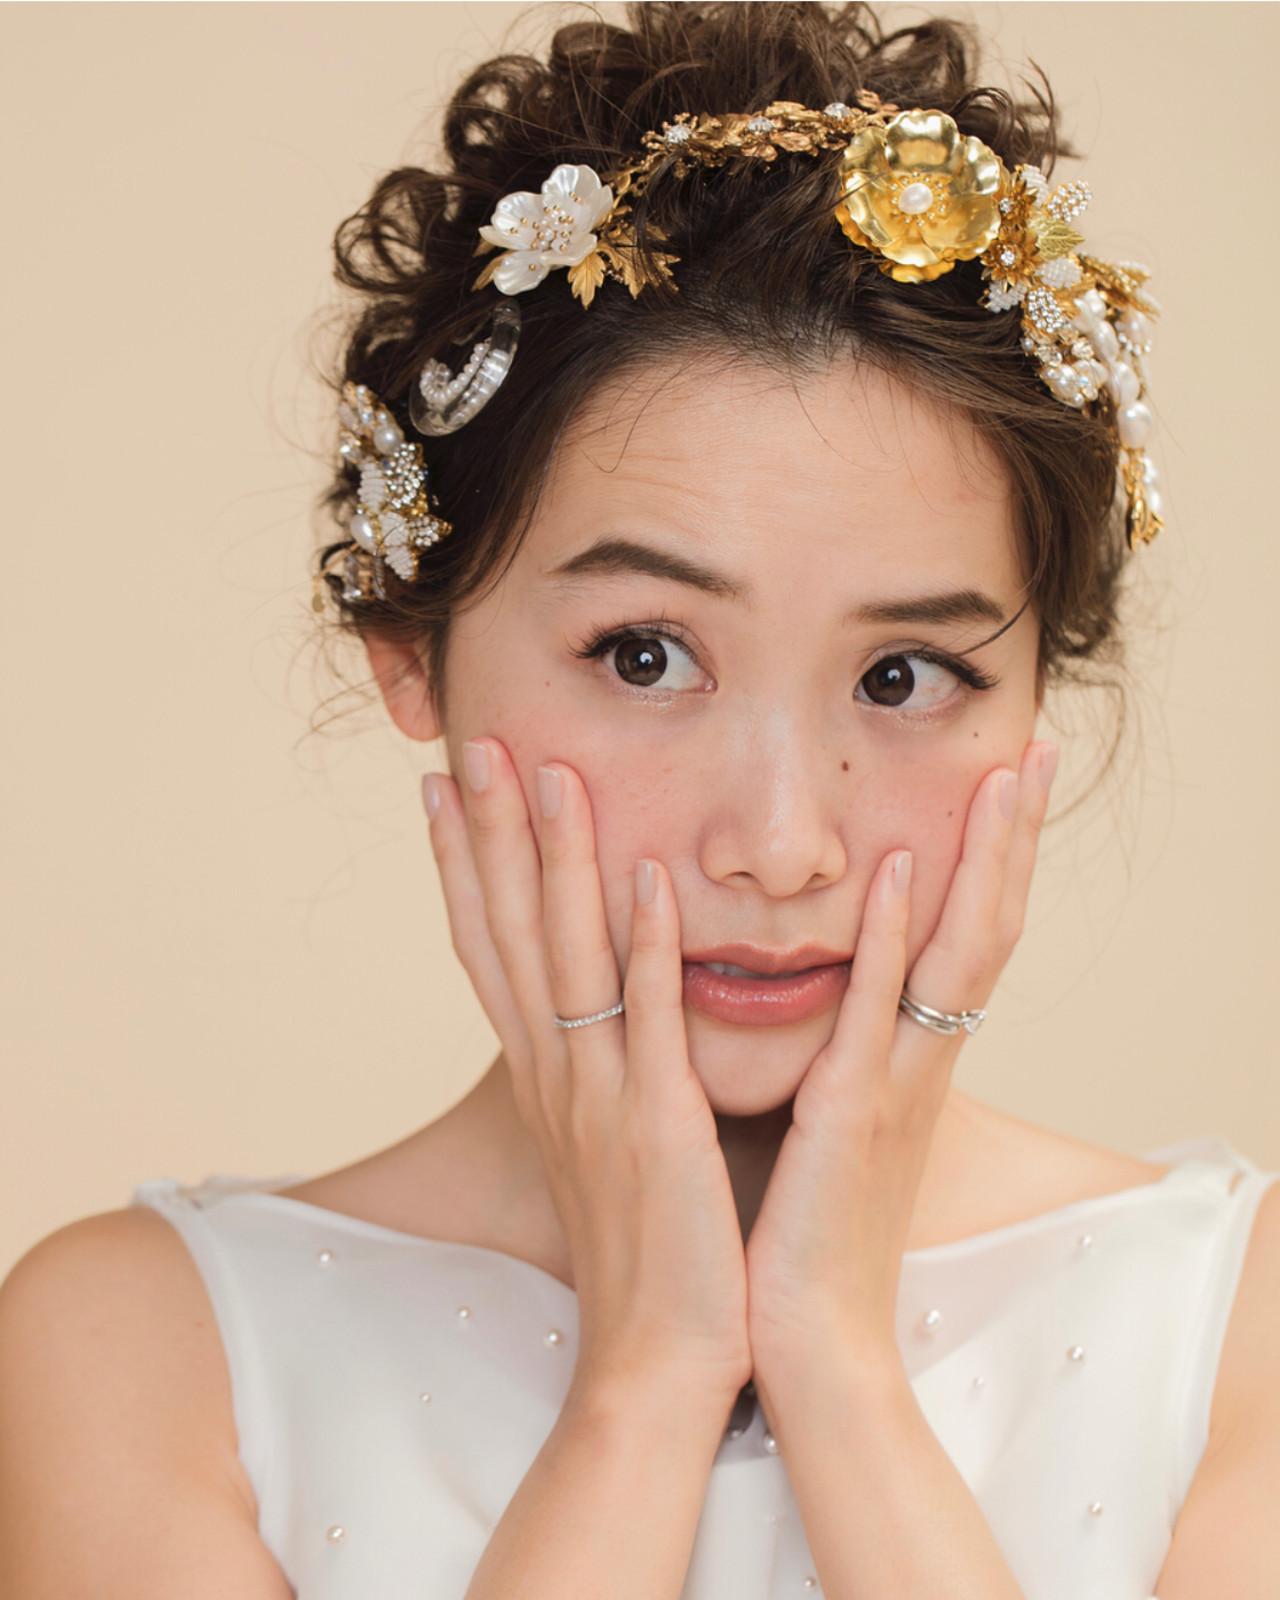 おしゃれさんと繋がりたい セミロング 大人かわいい 結婚式ヘアアレンジ ヘアスタイルや髪型の写真・画像 | tomoya tamada / Bridal hairmake